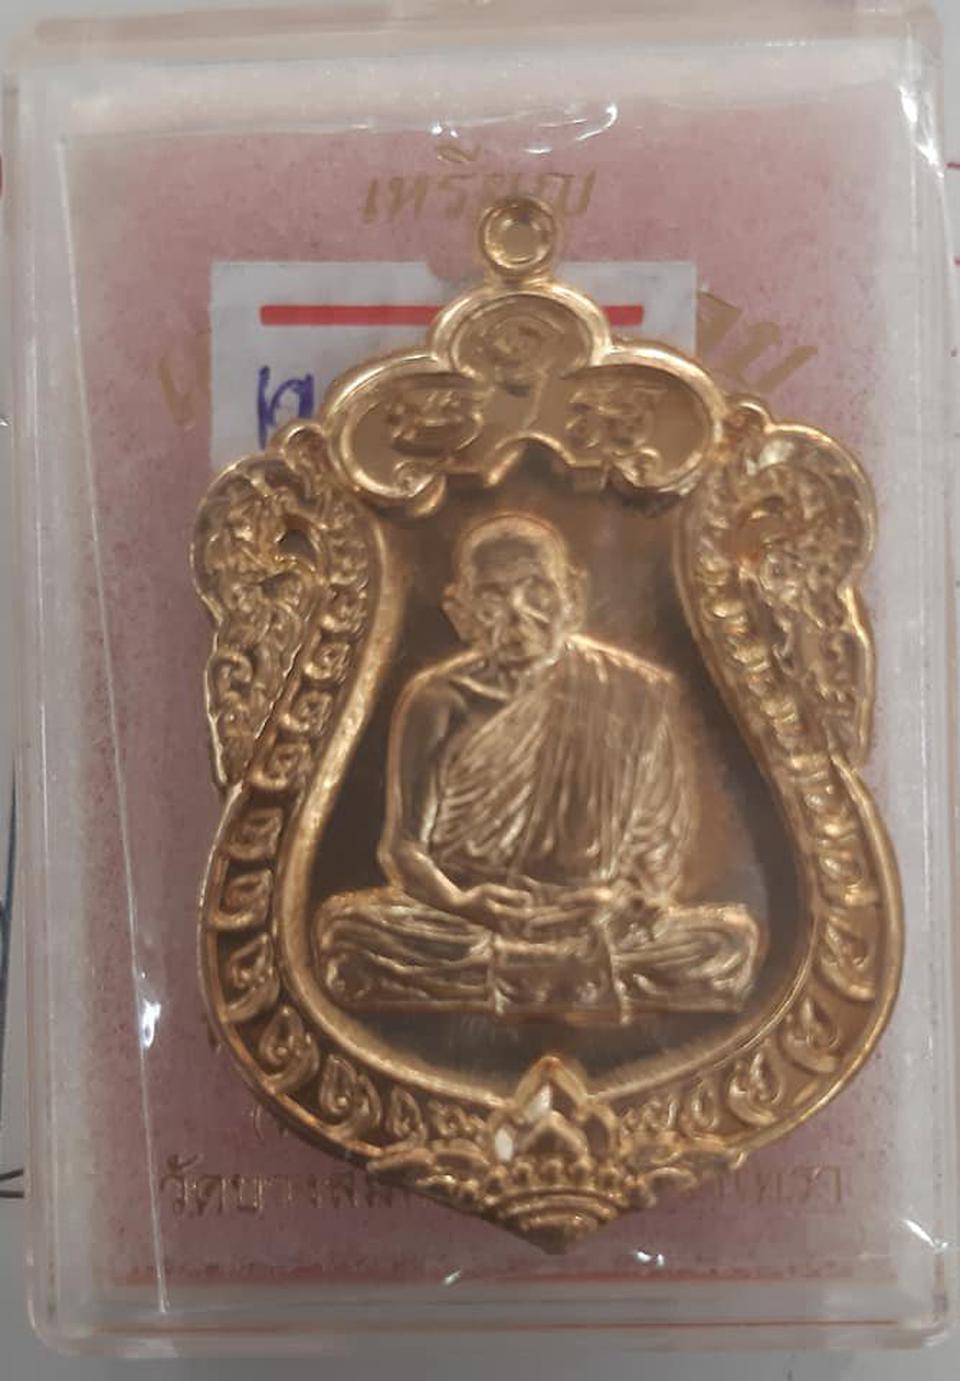 เหรียญเสมา ๘ รอบ วัดบางสมัคร จ.ฉะเชิงเทรา ปี 2560 รูปที่ 5